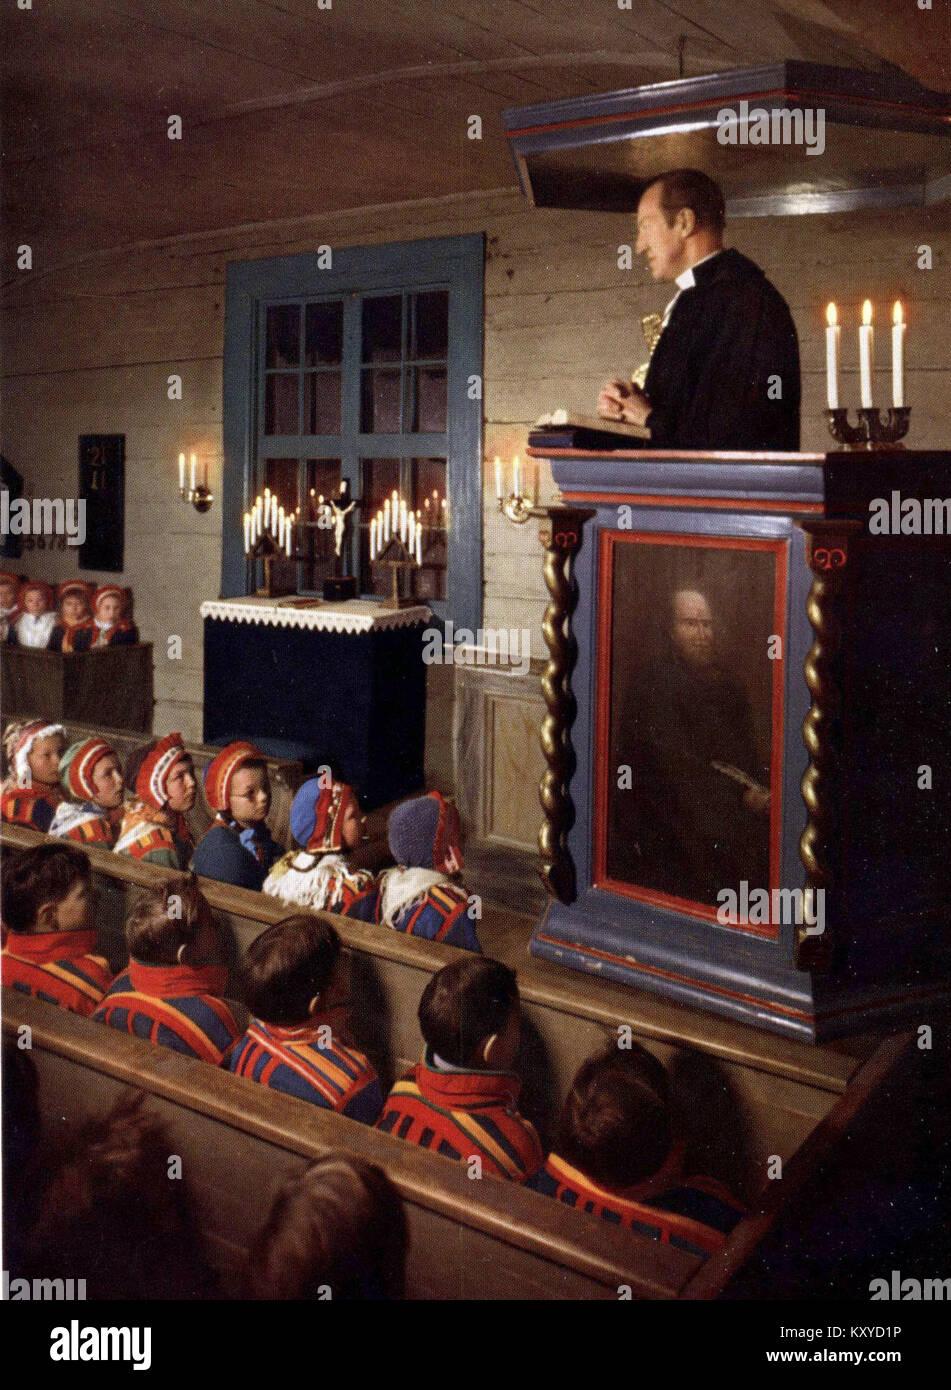 Gällivare gamla kyrka Gudstjänst för nomadskolans elever - Stock Image